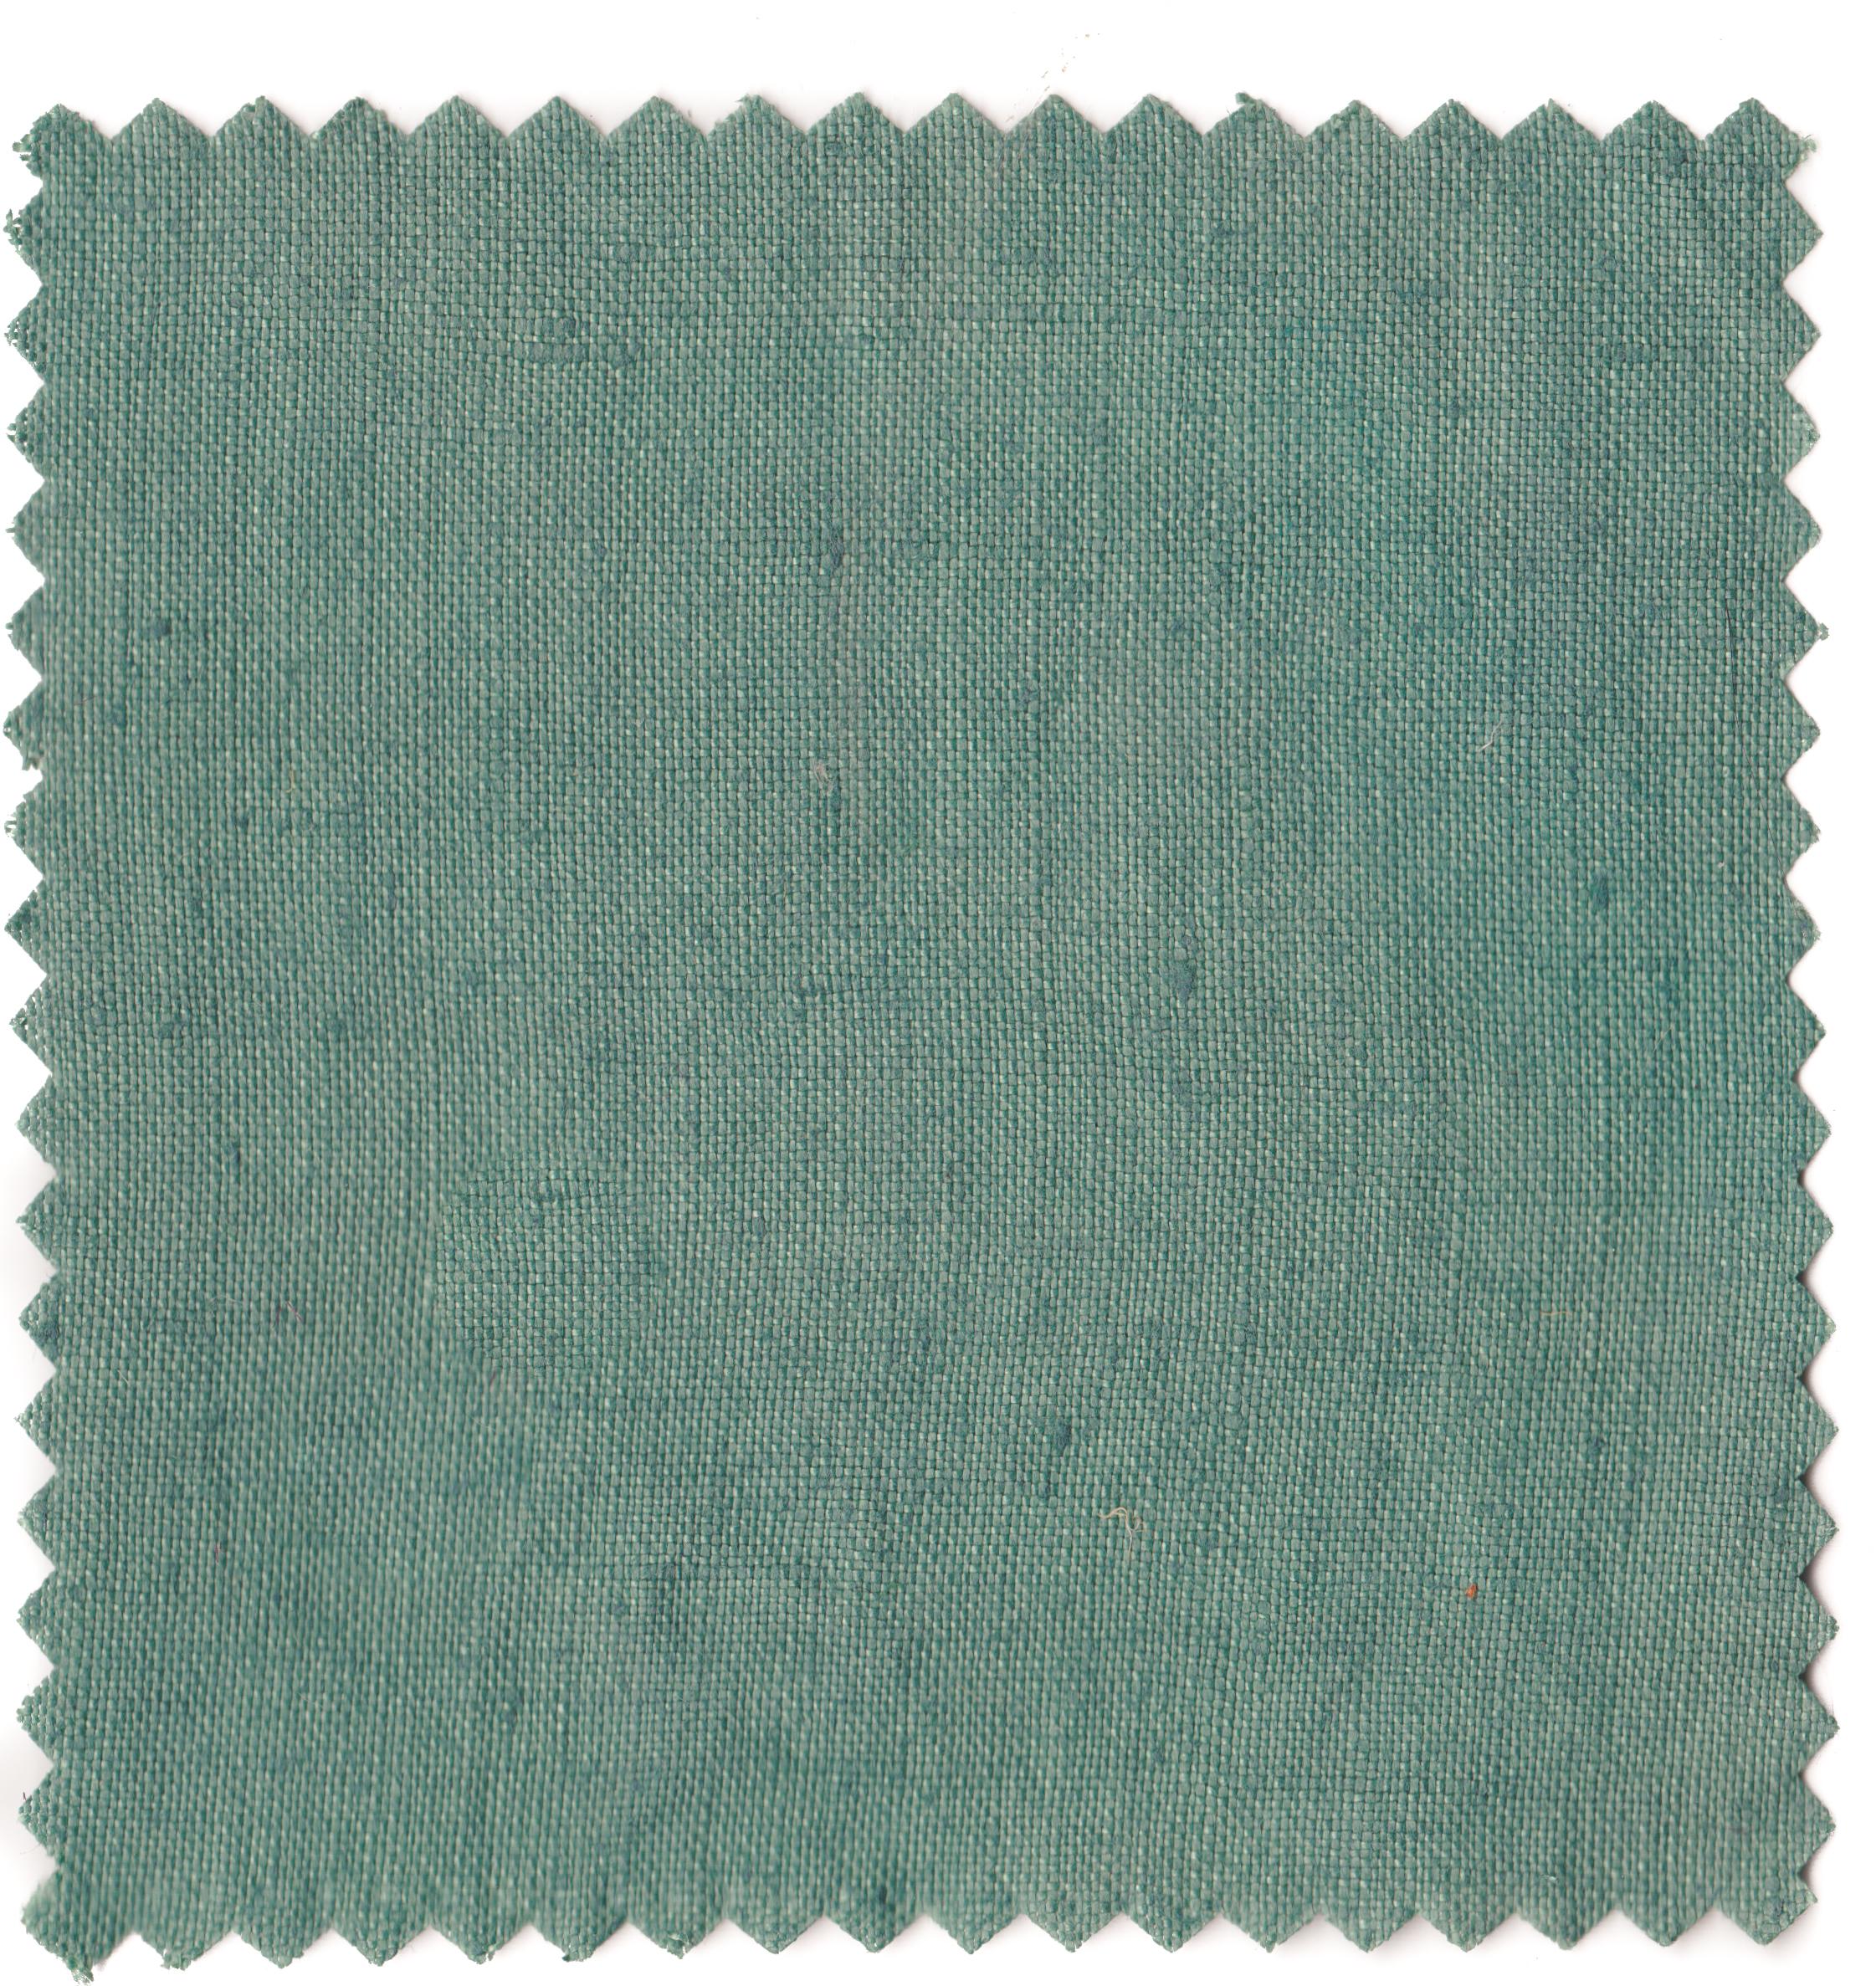 Jade Greens-5.jpg